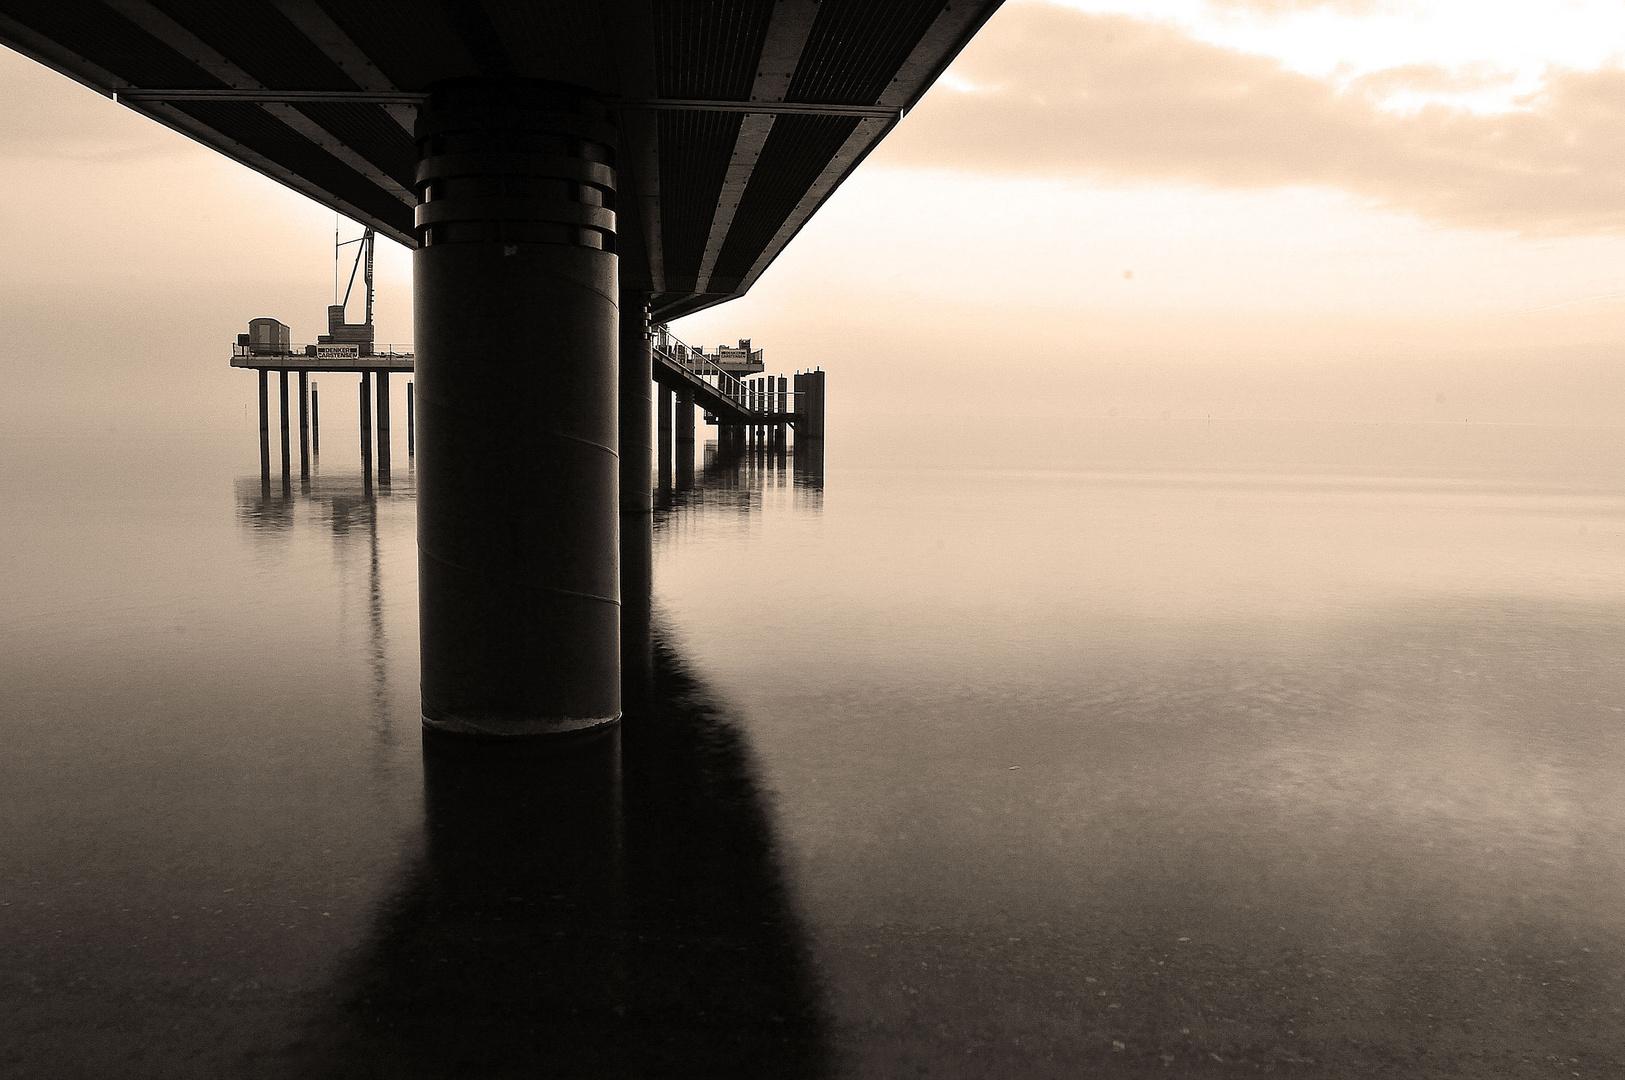 Seeschlösschenbrücke Timmendorfer Strand bei sehr ruhiger See